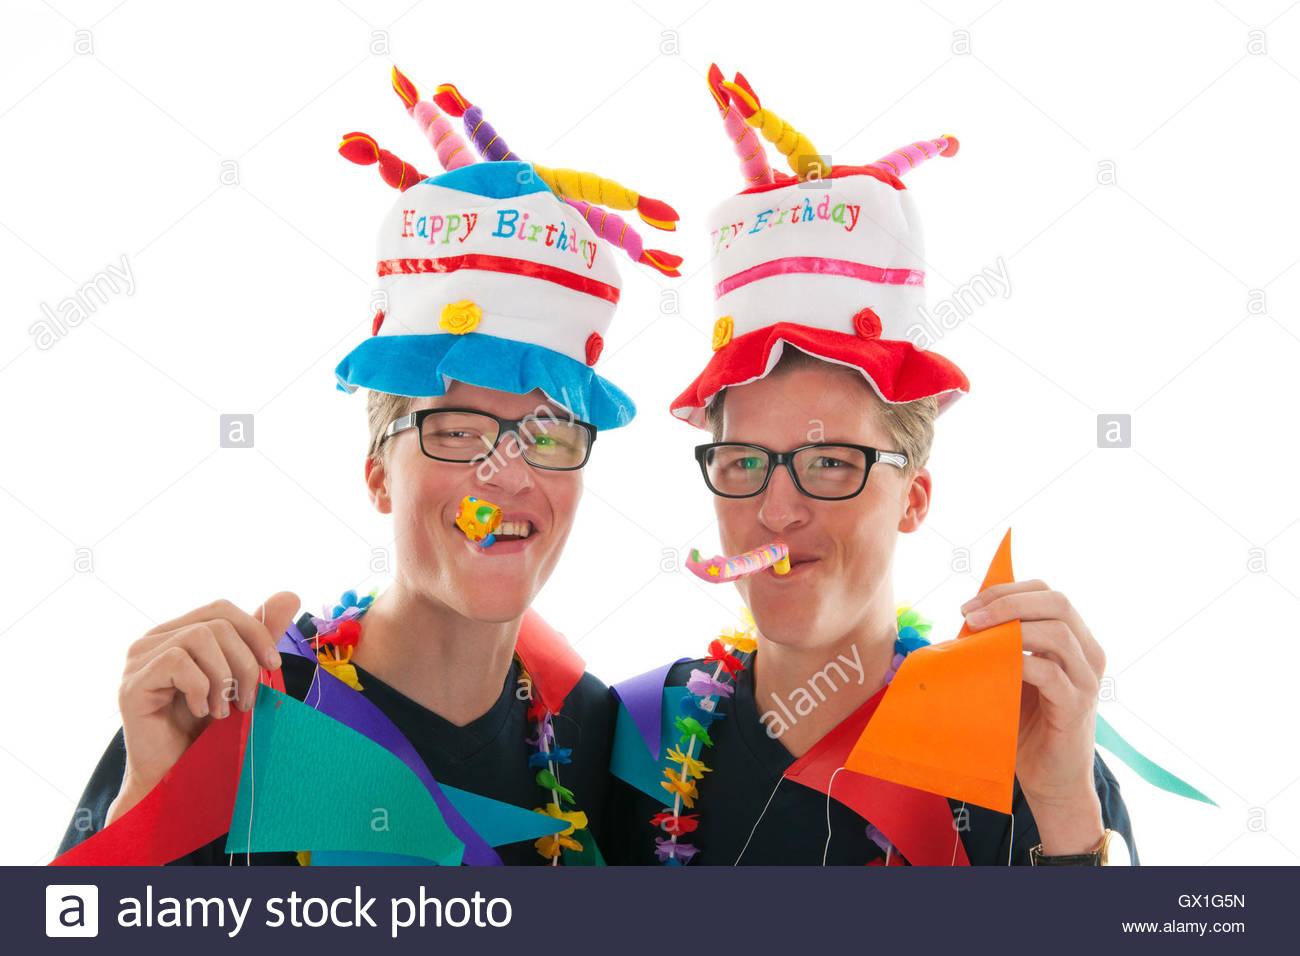 Erwachsene Mannliche Zwillinge Geburtstag Stockfoto Bild 119277921